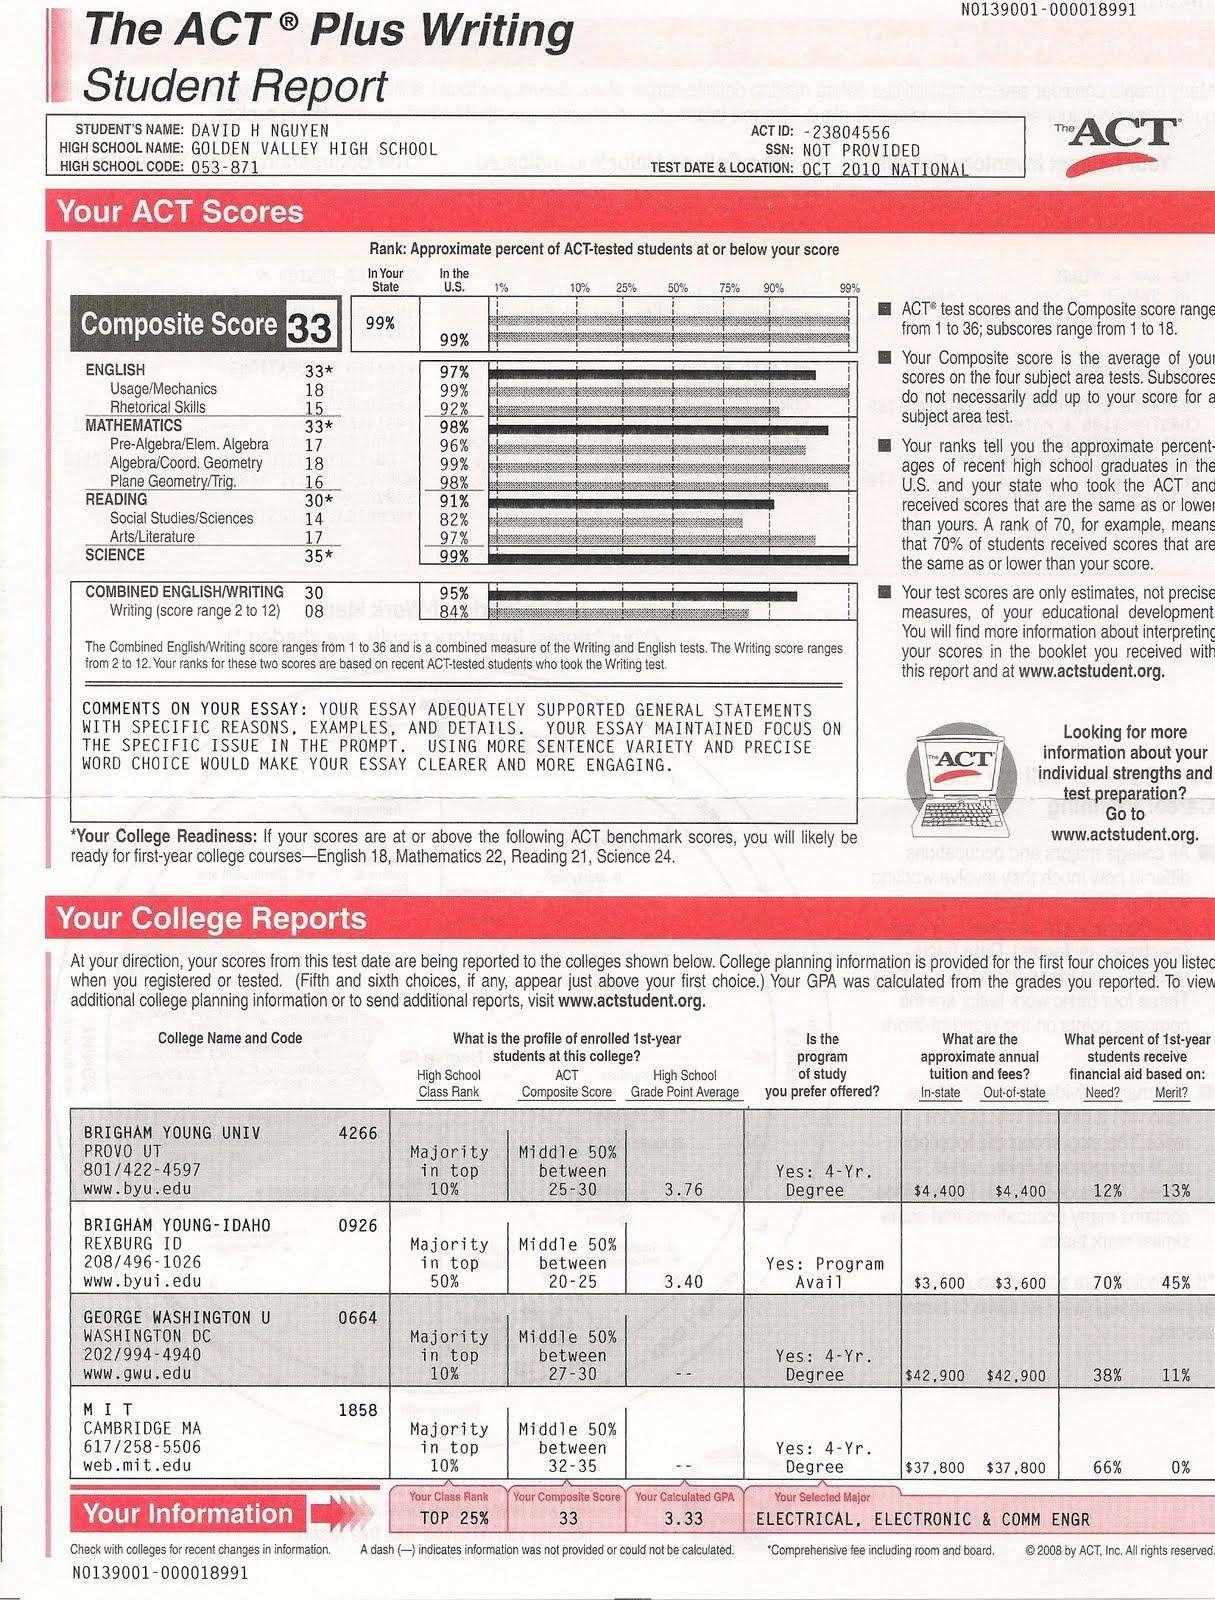 Как выглядит сертификат ACT, пример